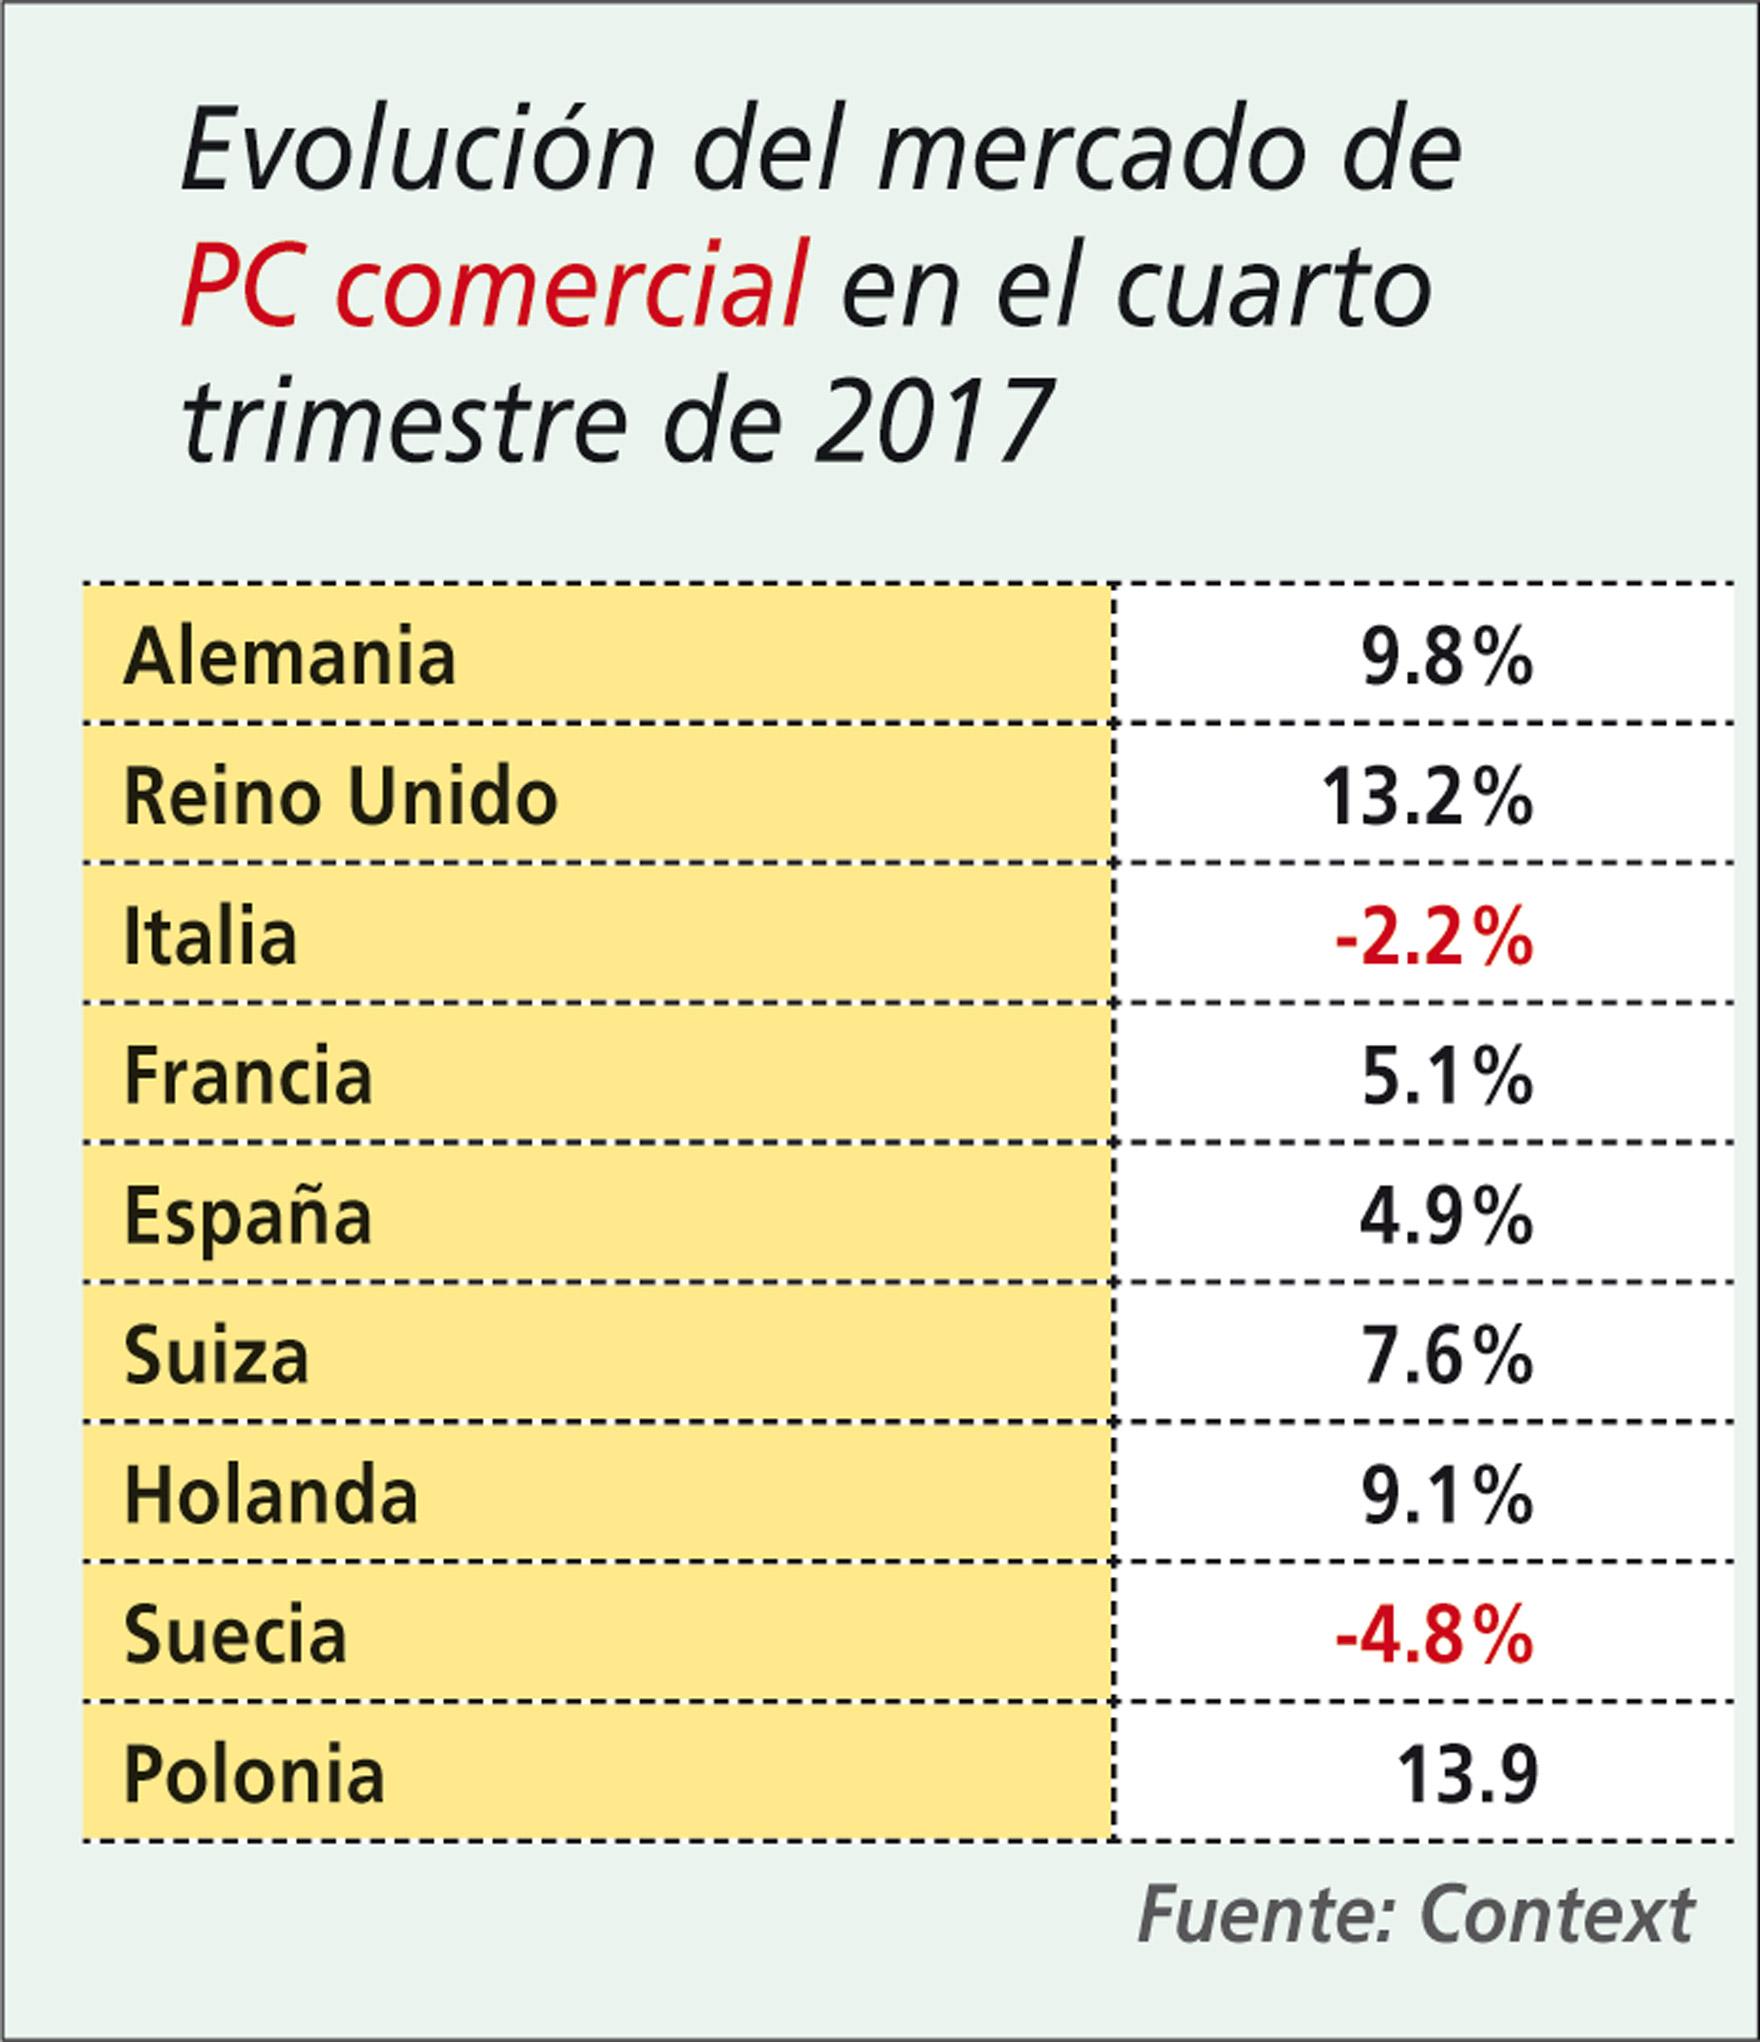 Evolución del mercado de PC comercial en el cuarto trimestre de 2017.